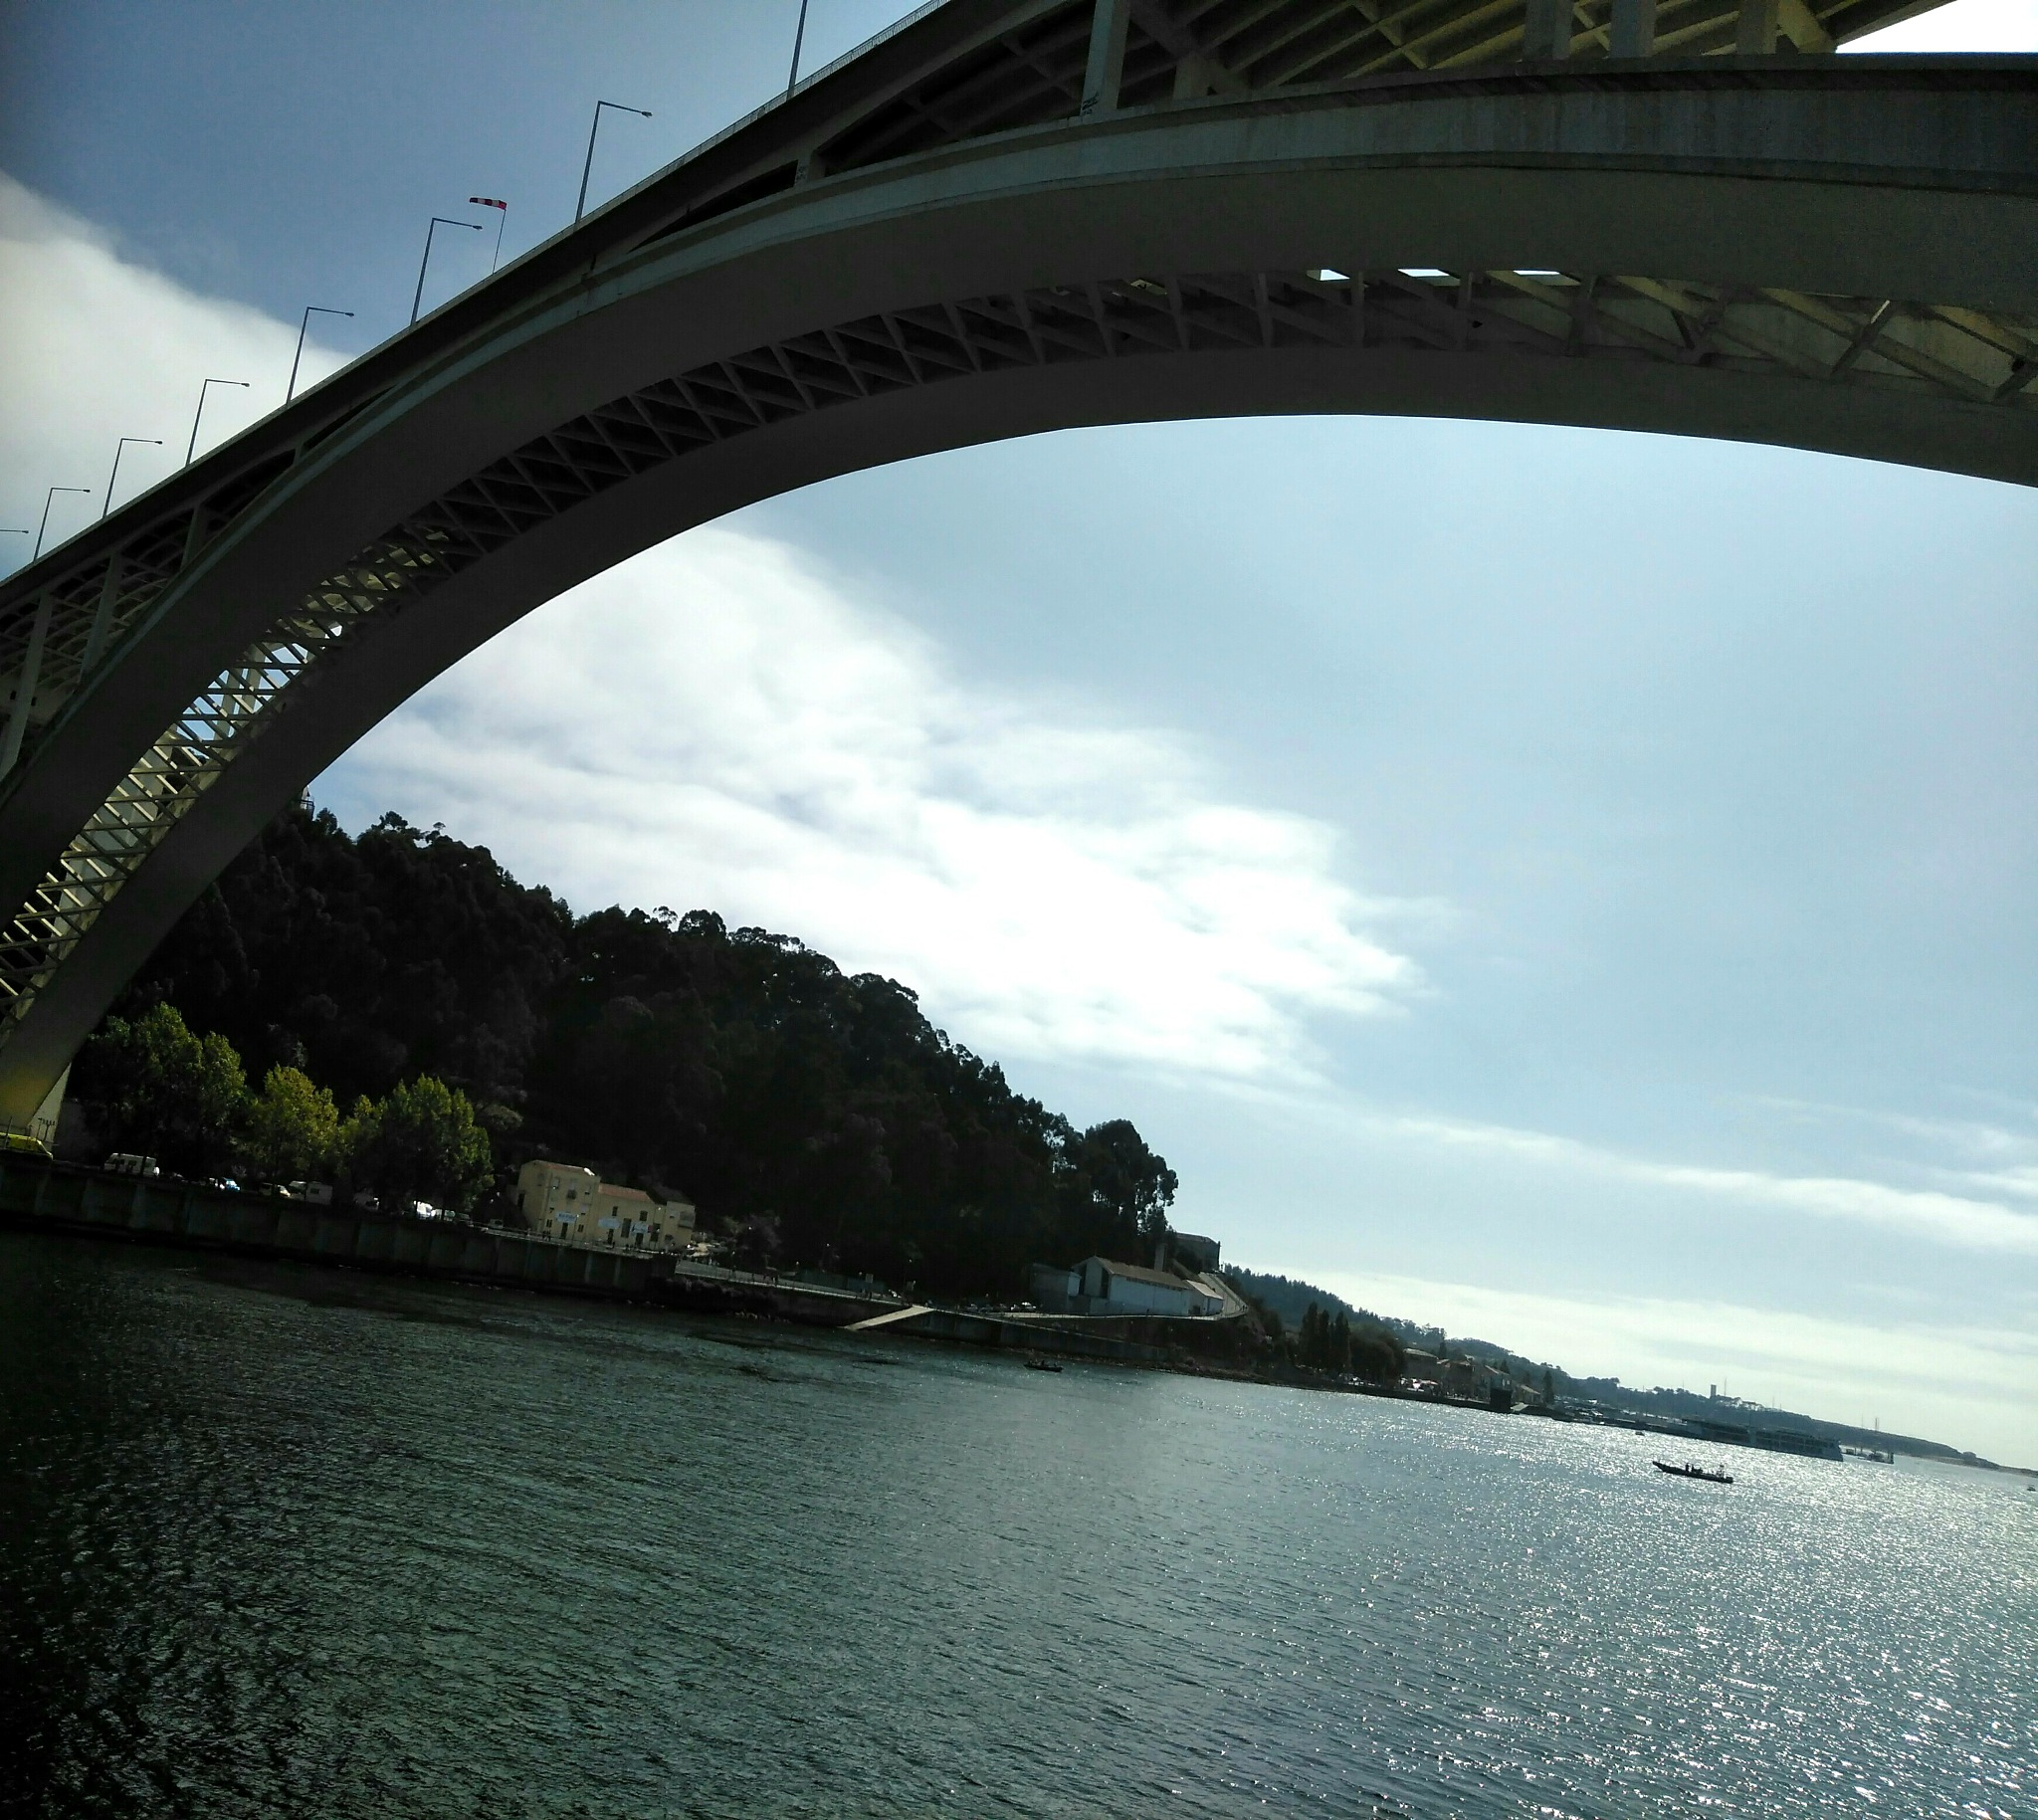 Ponte da Arrábida by Filipe Oliver